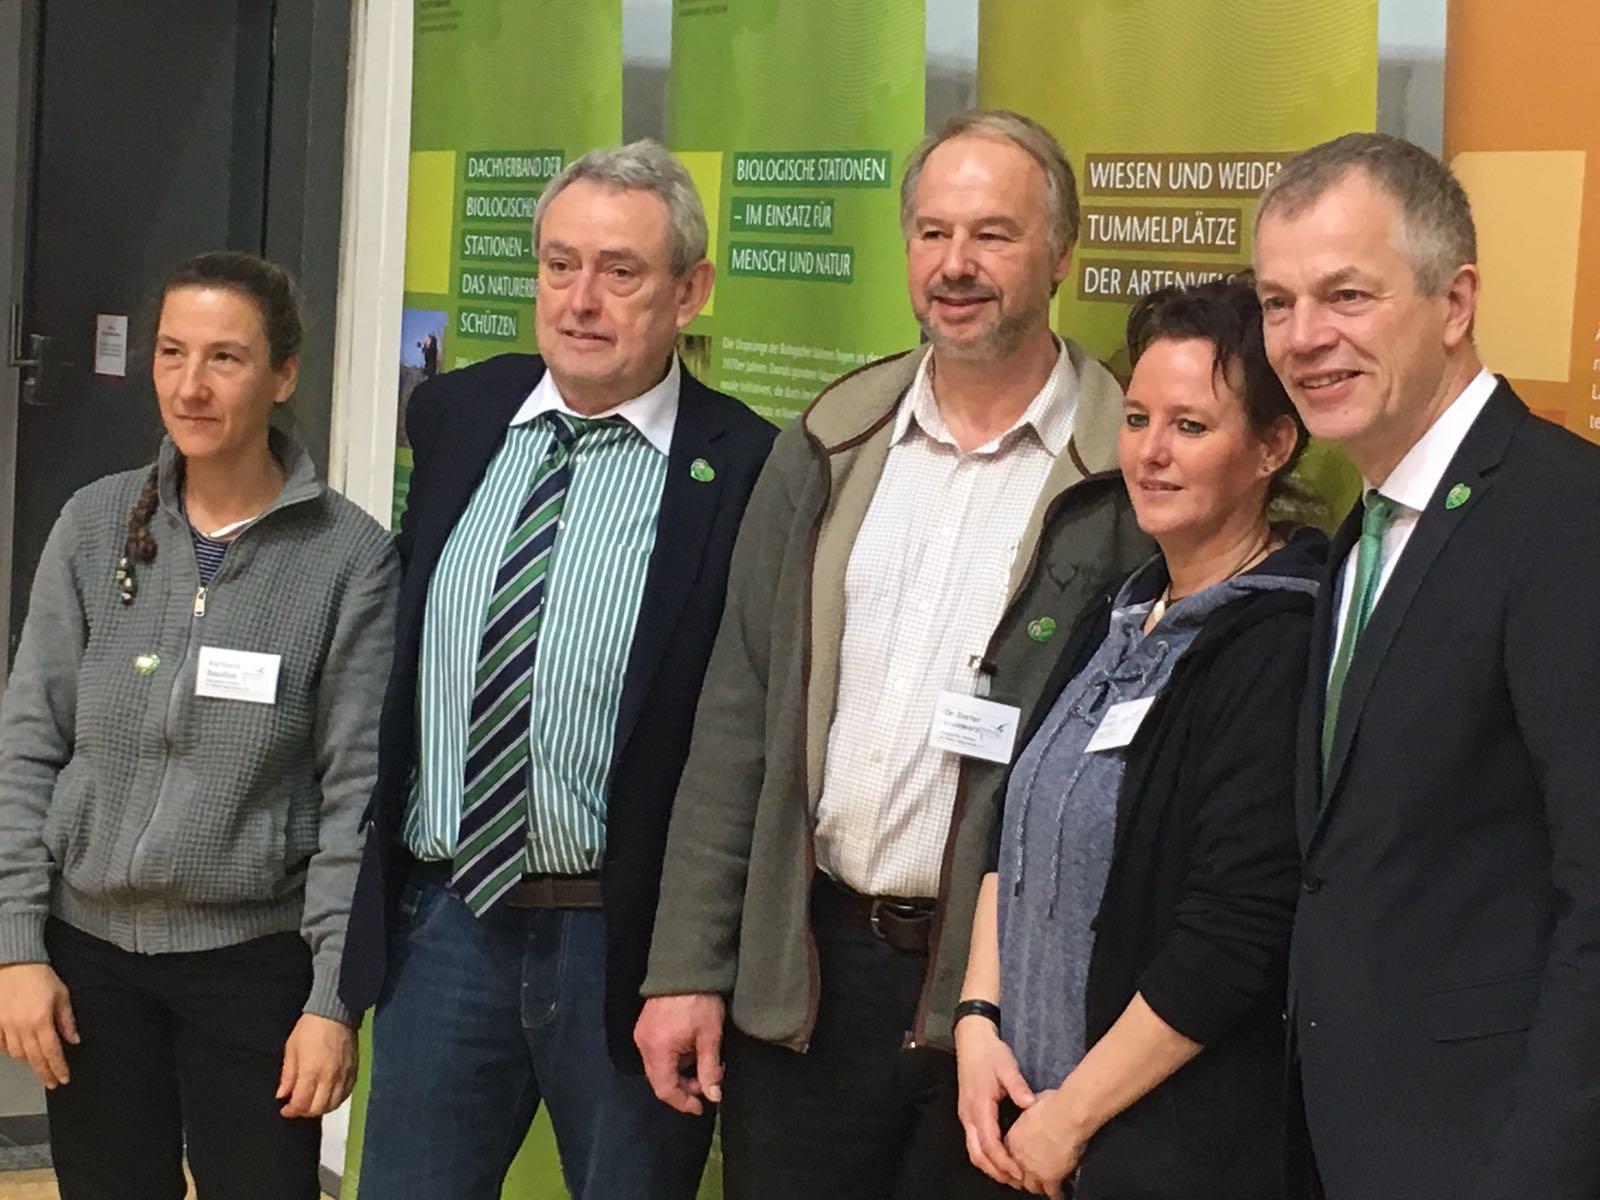 Erfreuen sind an der Vielfalt der Obstsorten aus NRW: Umweltminister Remmel und Staastsekretär Becker am Stand der Biologischen Stationen in der NRW Halle....